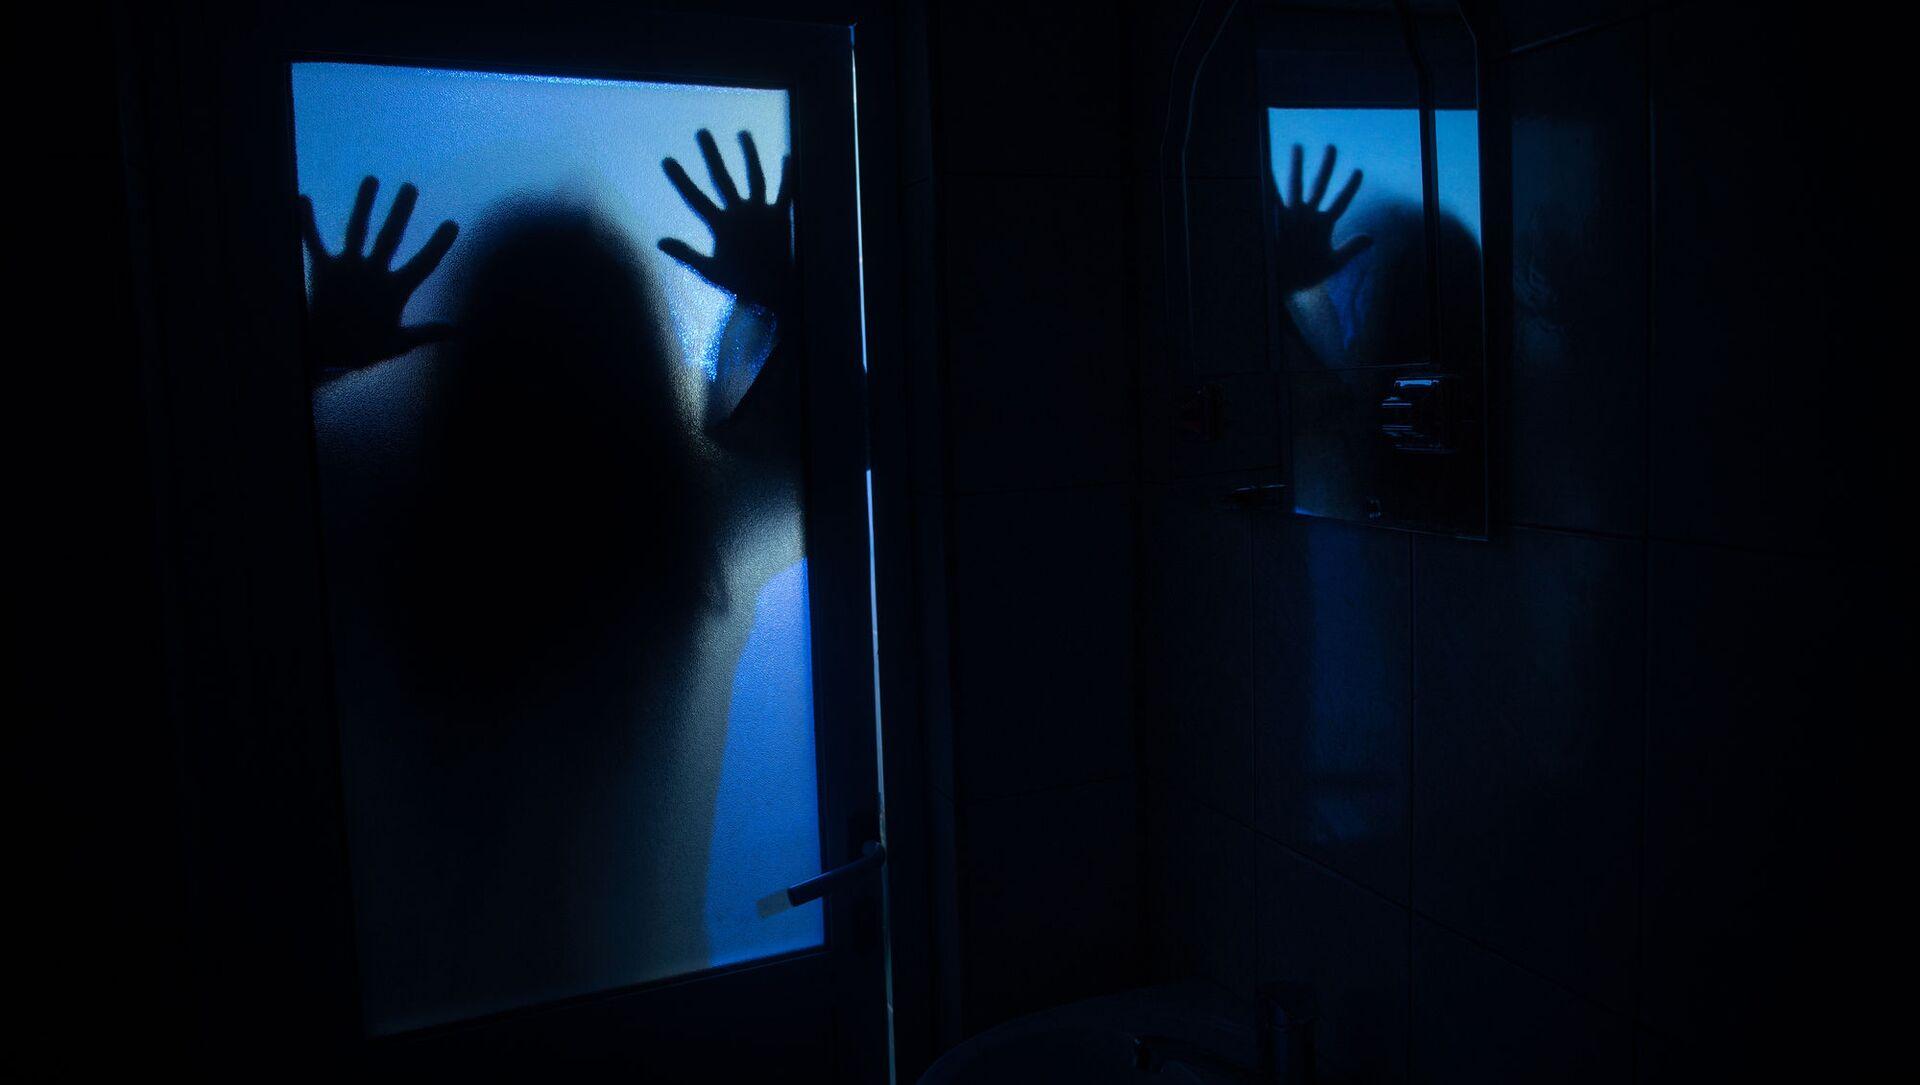 Mieszkanka Nowego Jorku (USA) opowiedziała, jak odkryła sekretny pokój za lustrem w łazience wynajmowanego mieszkania.  - Sputnik Polska, 1920, 07.03.2021